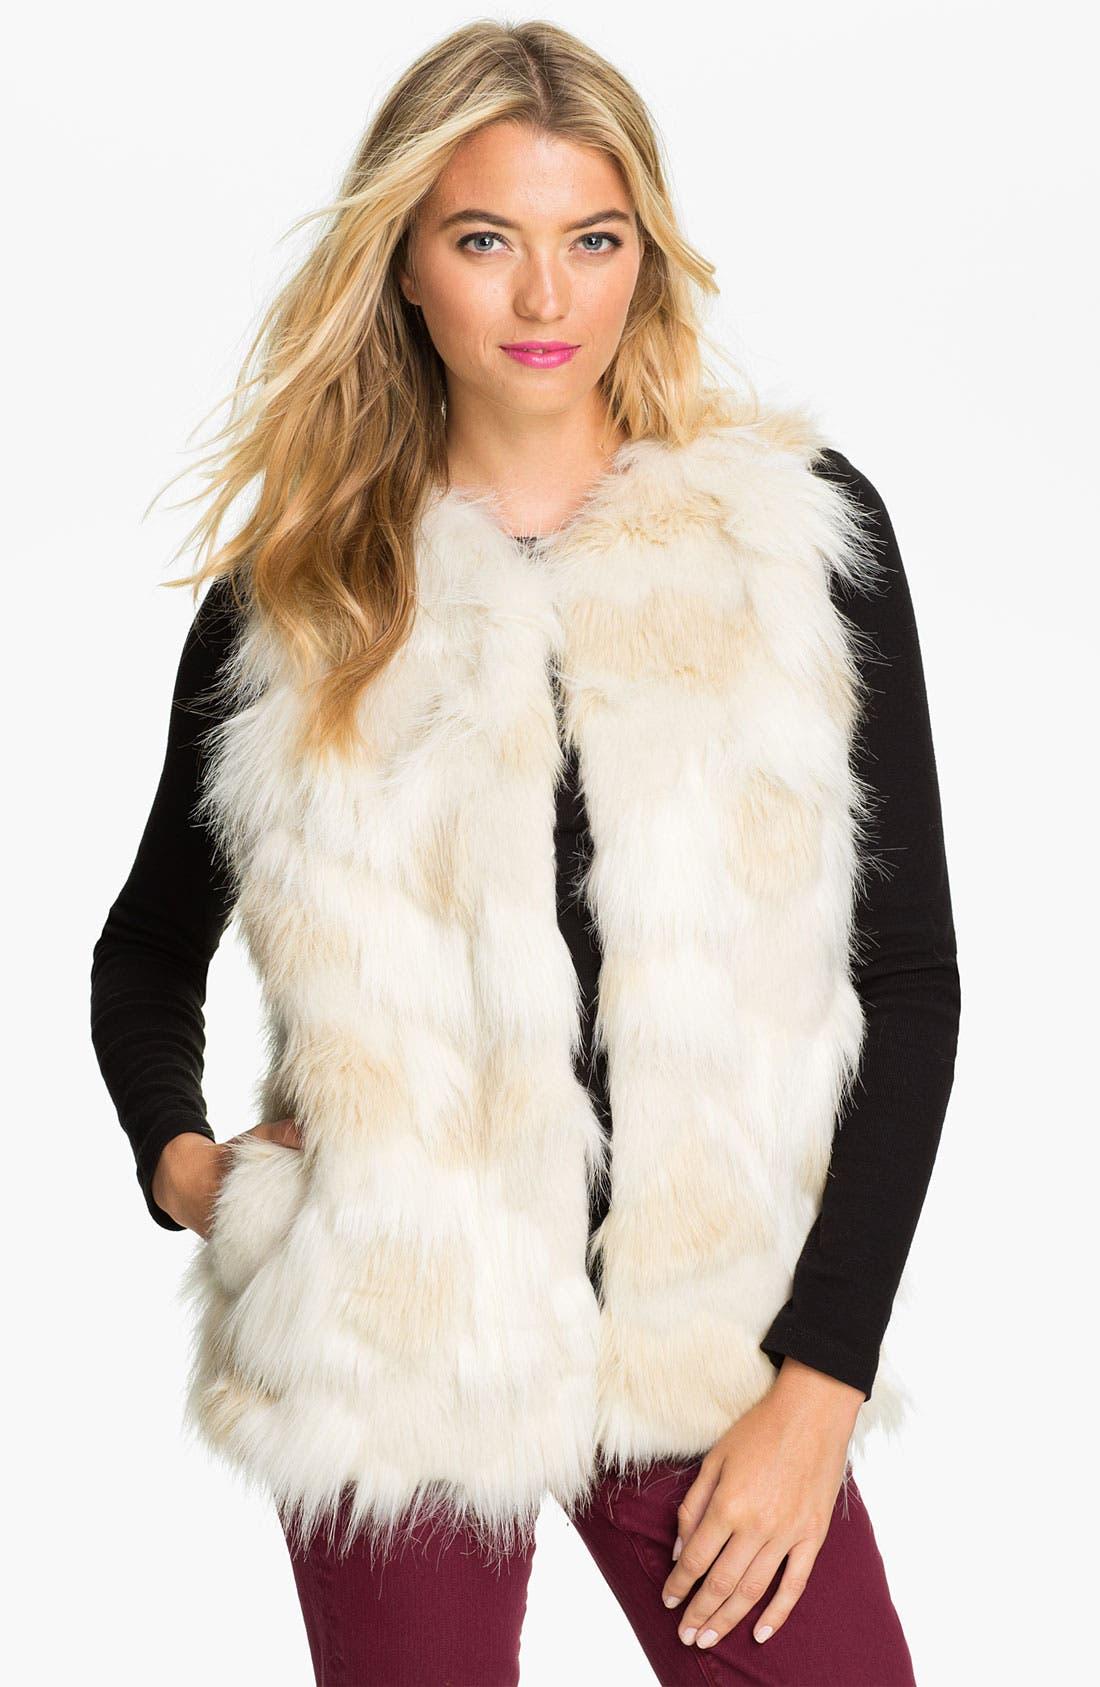 STEVE MADDEN Faux Fur Patch Vest, Main, color, 900